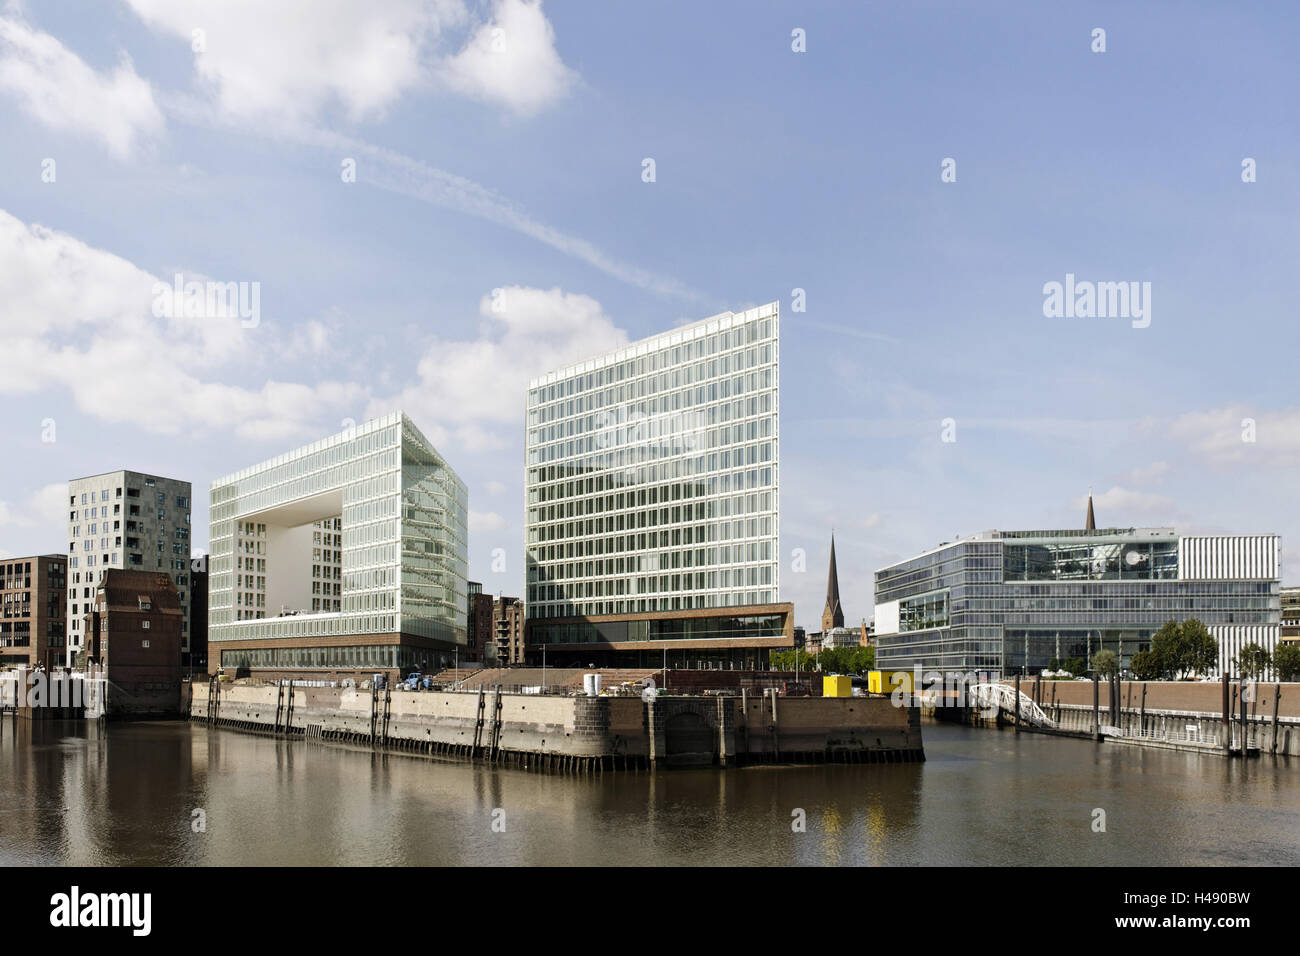 Spiegel stockfotos spiegel bilder alamy for Spiegel verlag hamburg